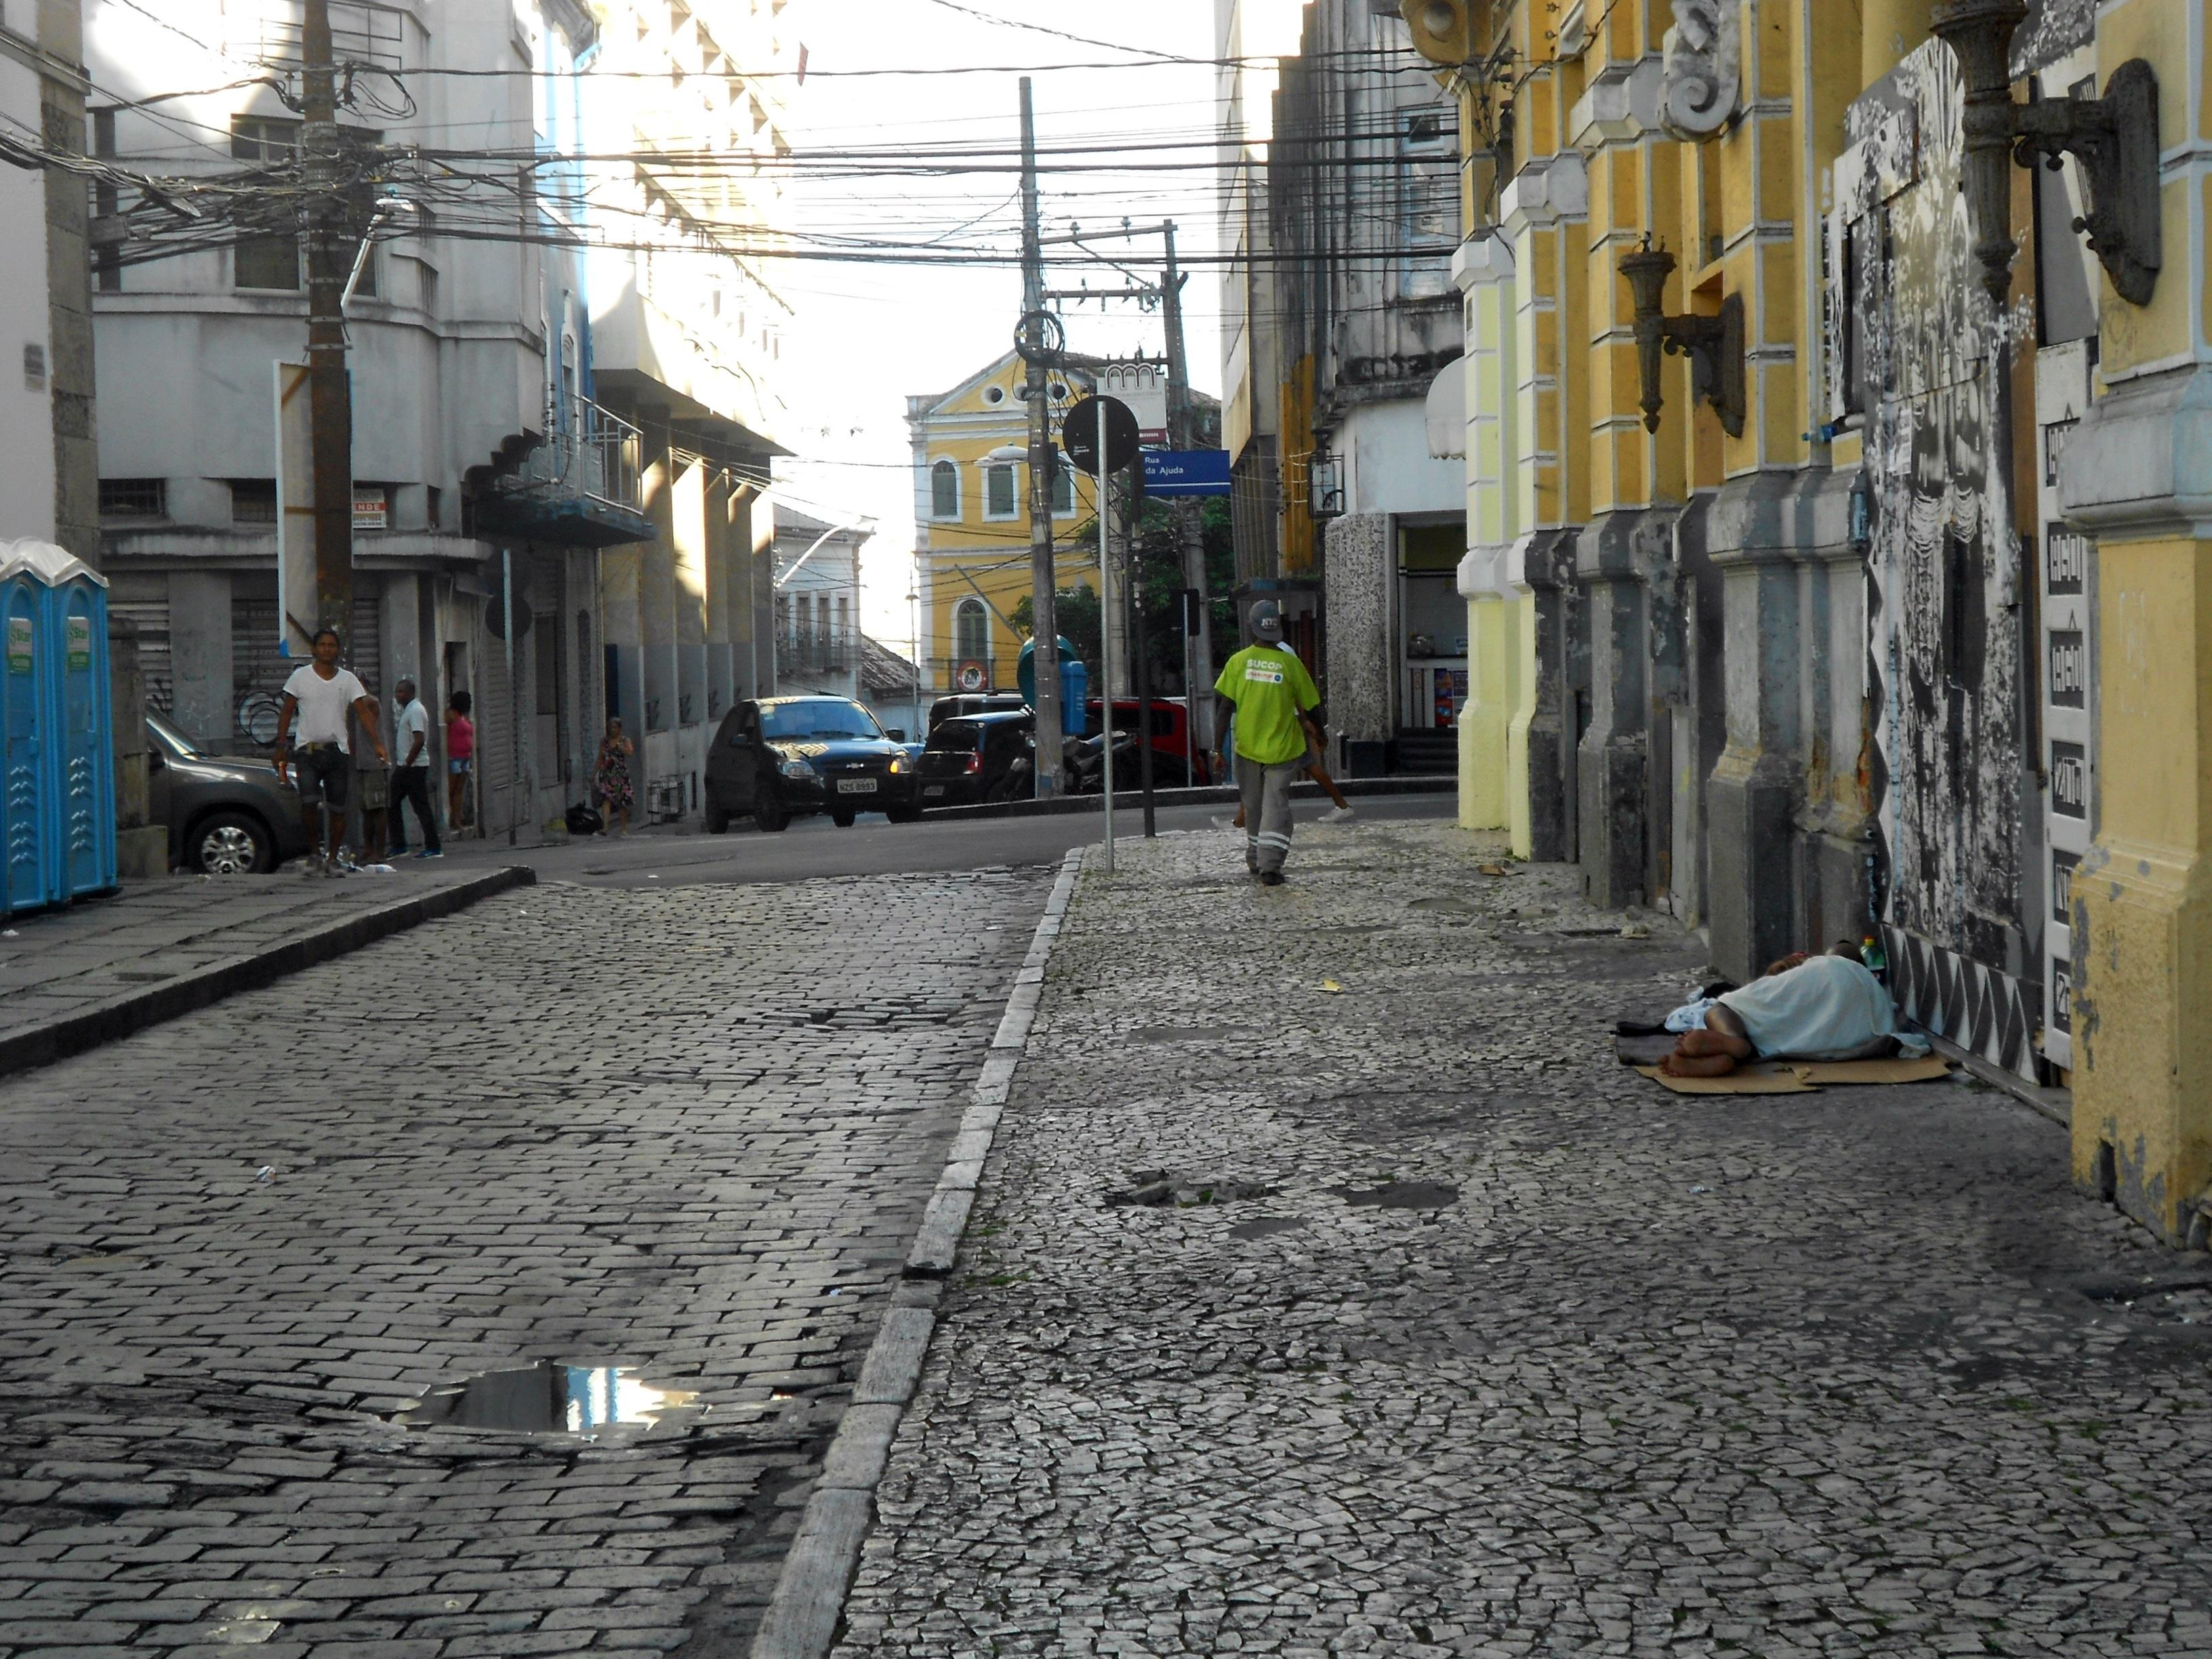 Enquanto os turistas promoviam a festa, pessoas em situação de rua pintavam outra paisagem/Foto: Joseanne Guedes/ABI